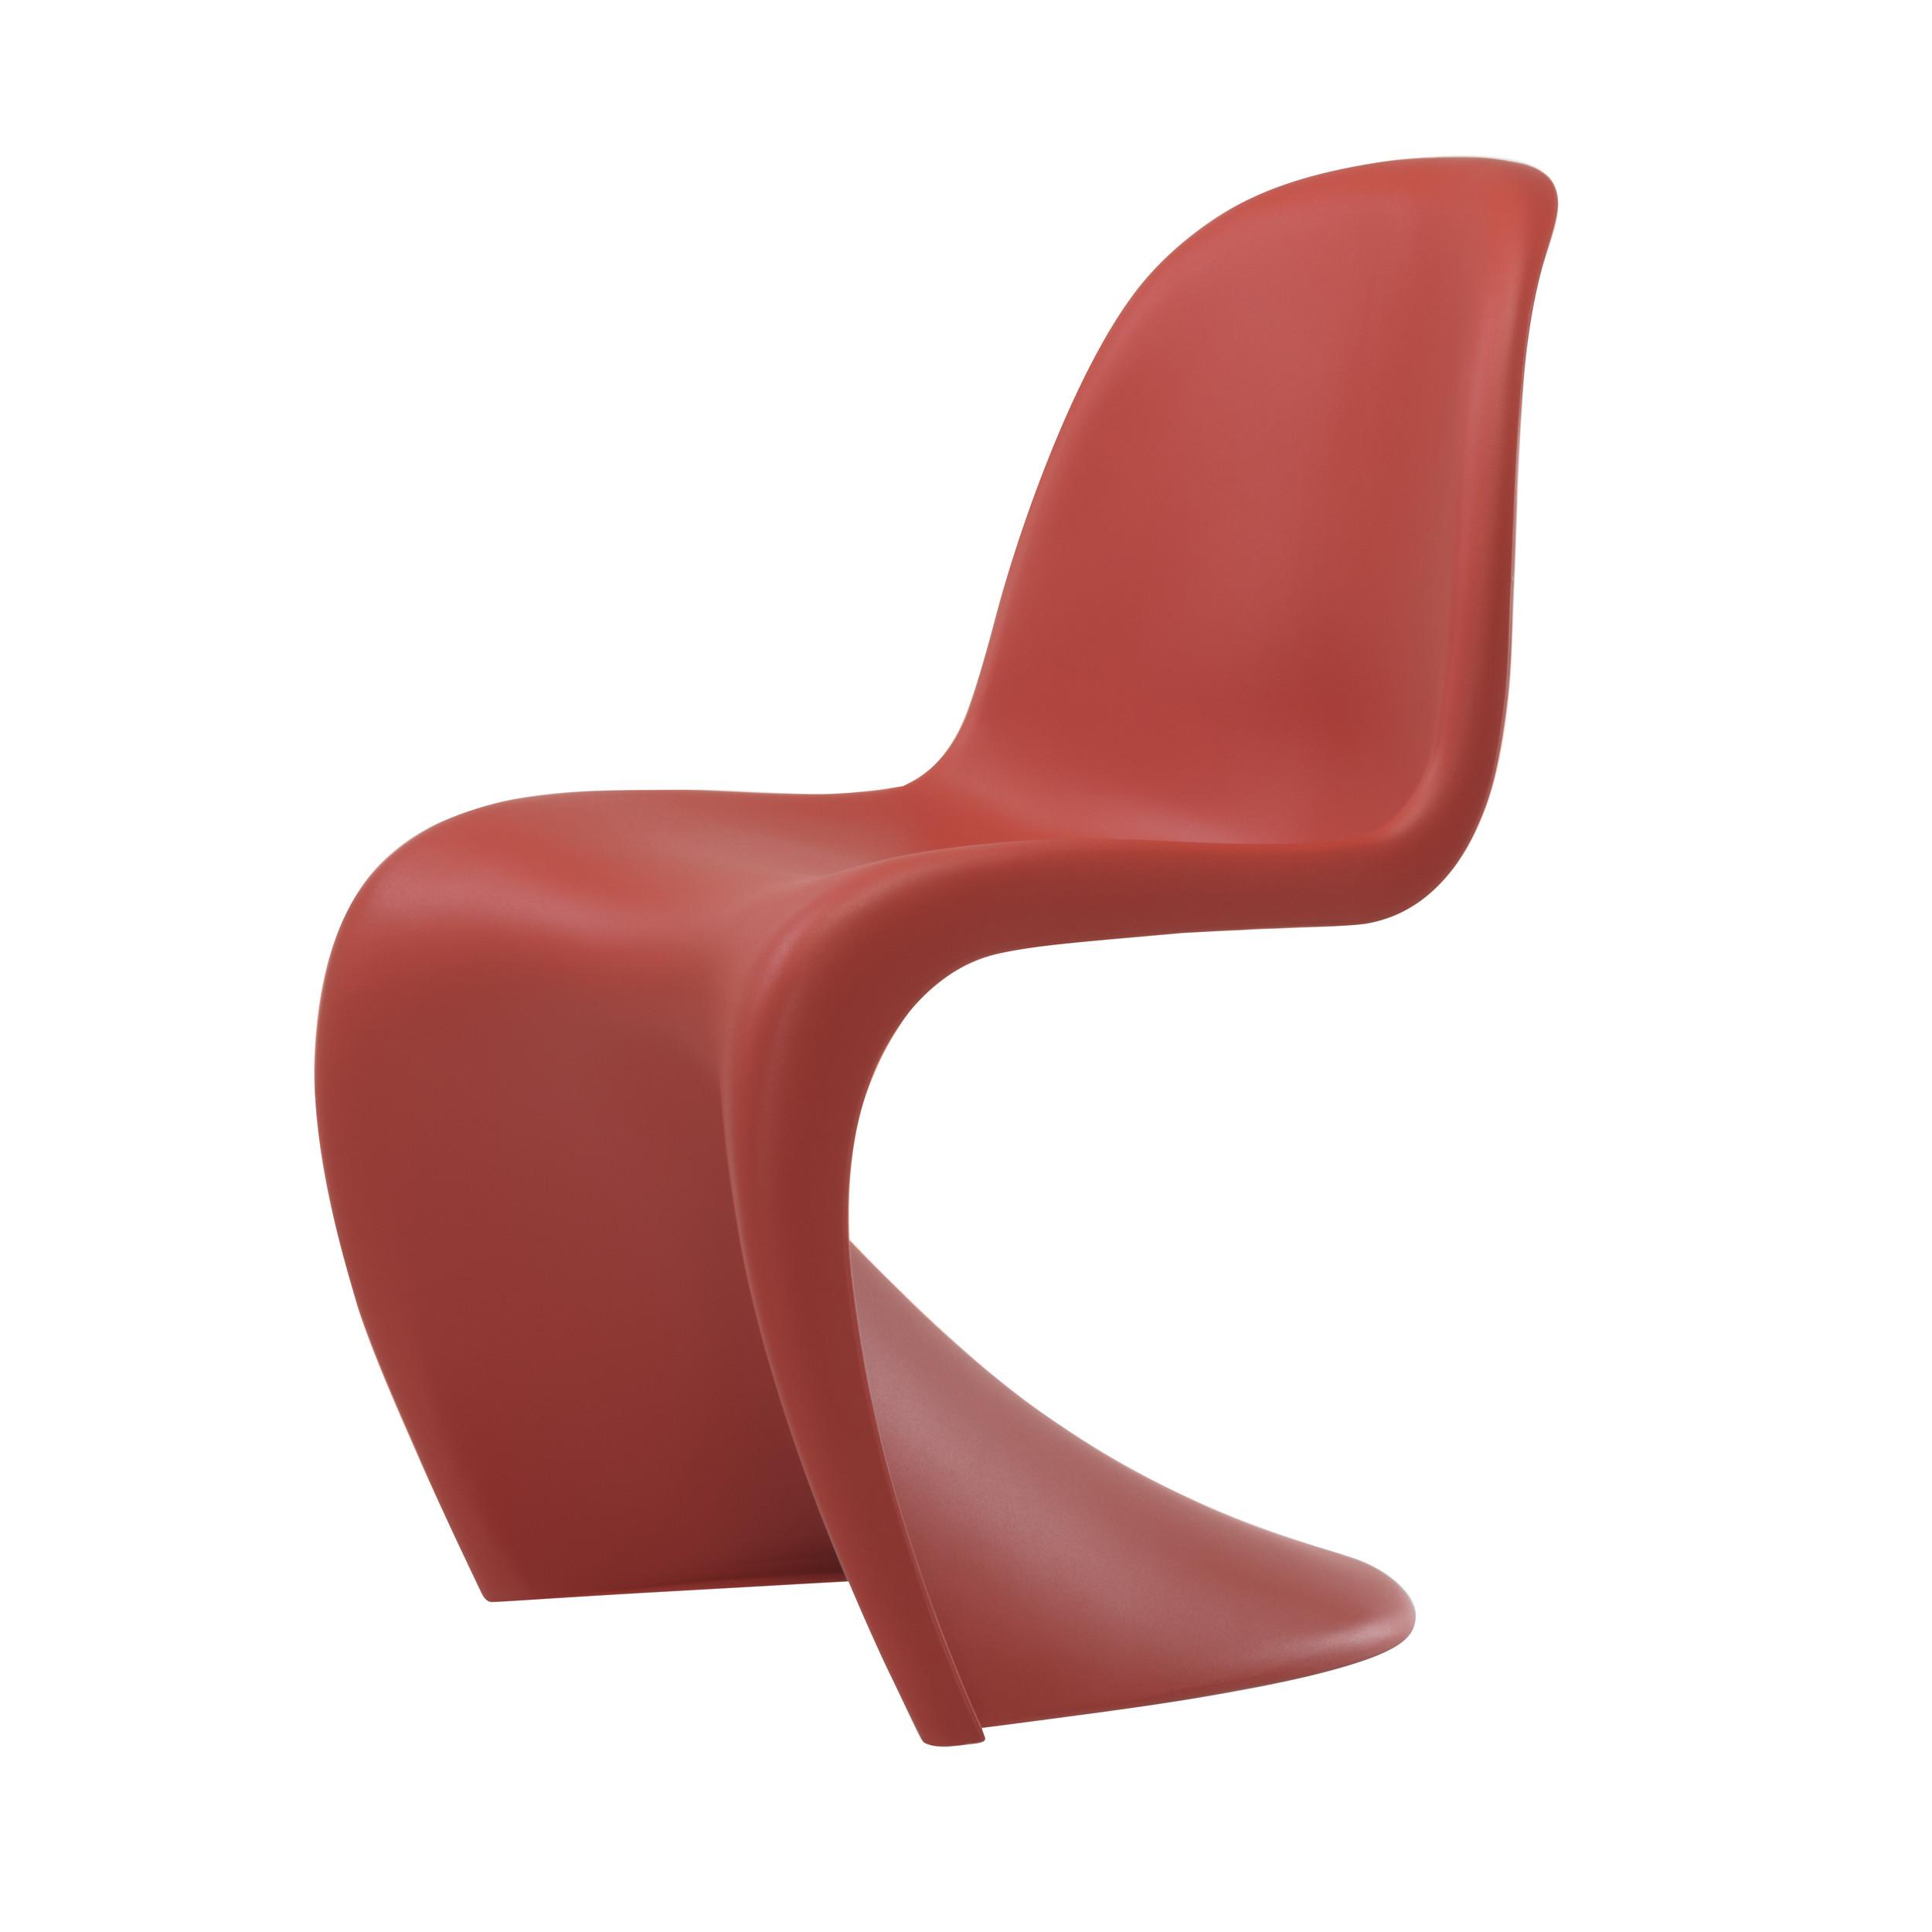 panton chair stuhl online kaufen bei woonio. Black Bedroom Furniture Sets. Home Design Ideas